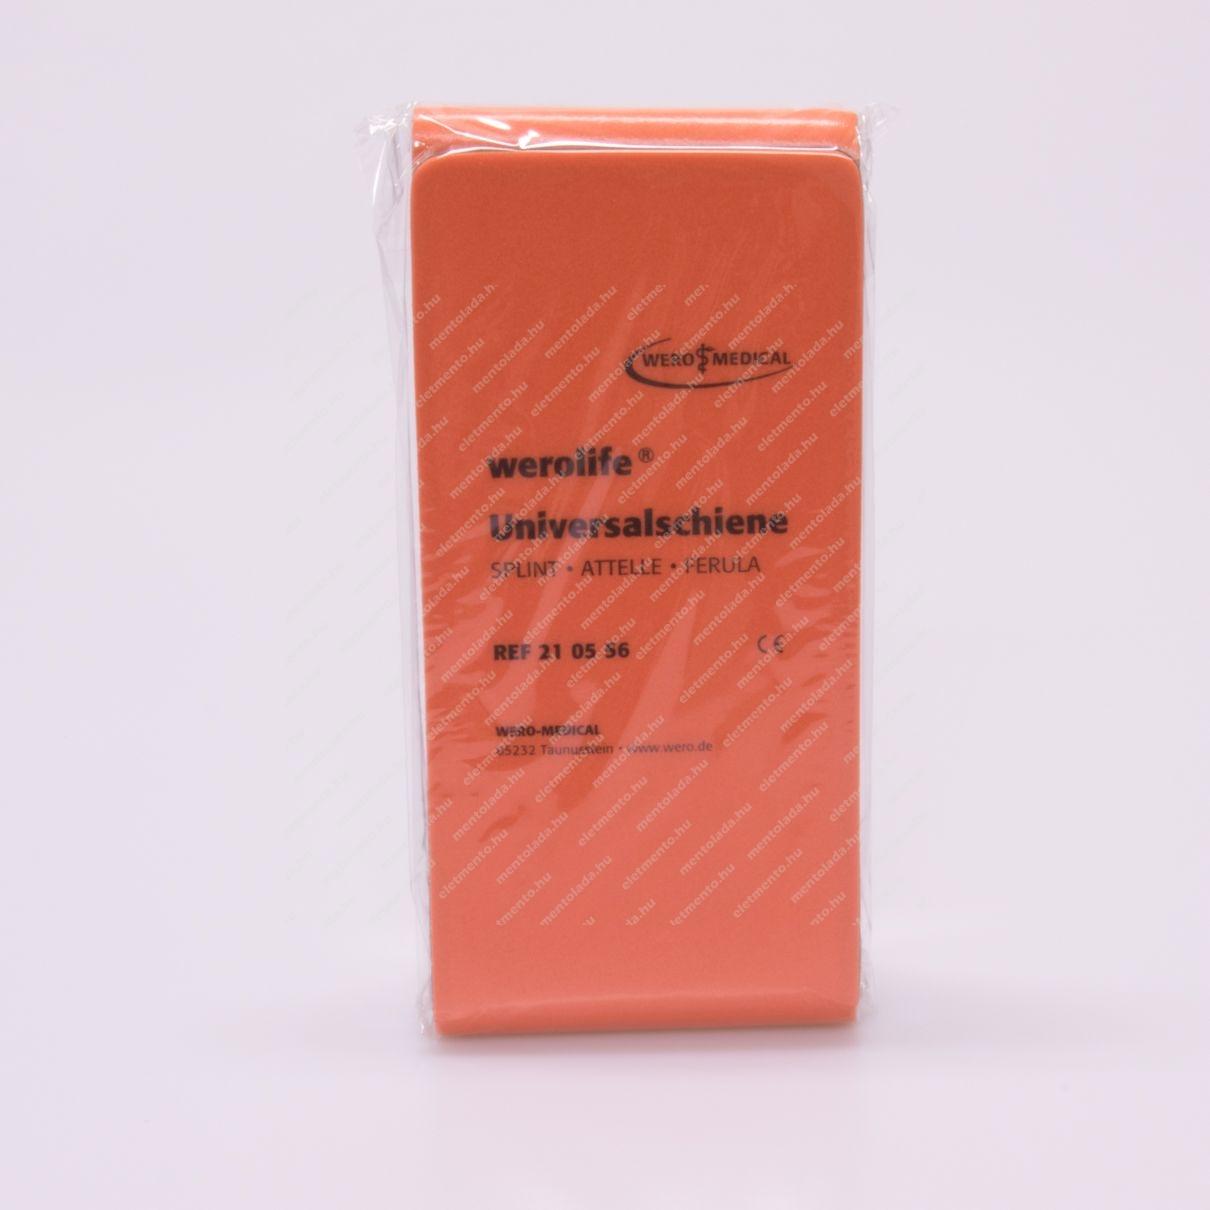 Werolife Splint végtagrögzítő - 88x11 cm